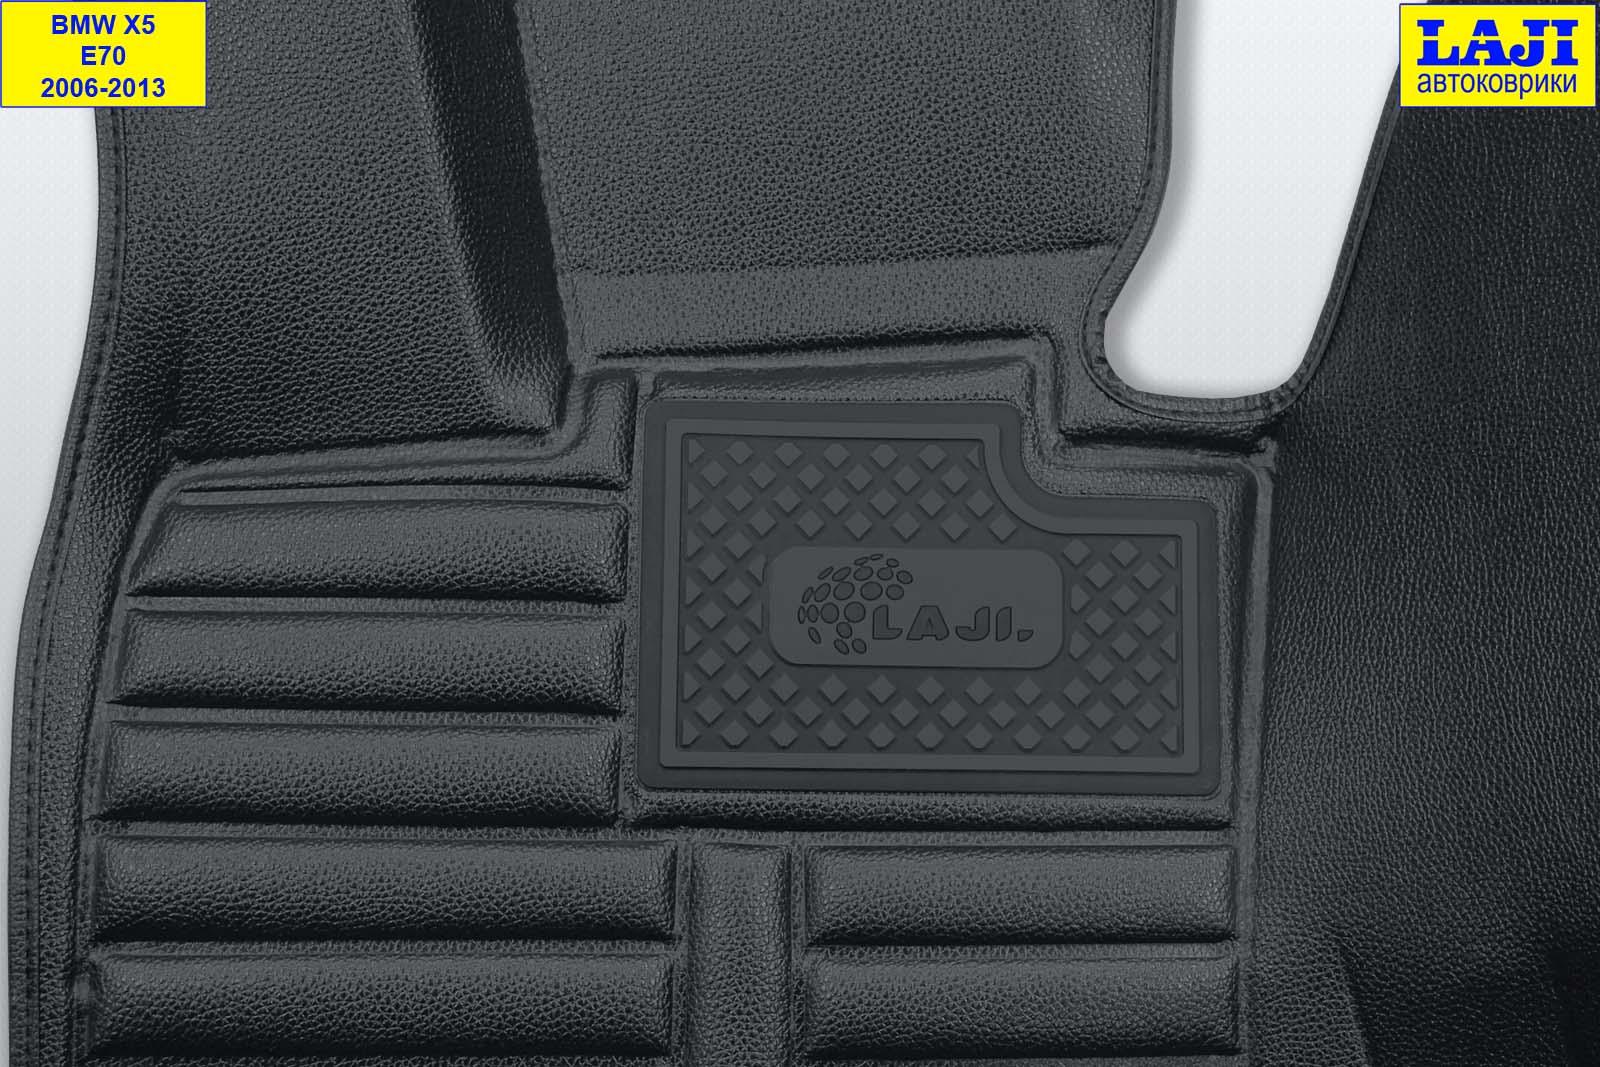 5D коврики в салон BMW X5 (E70) 2006-2013 7